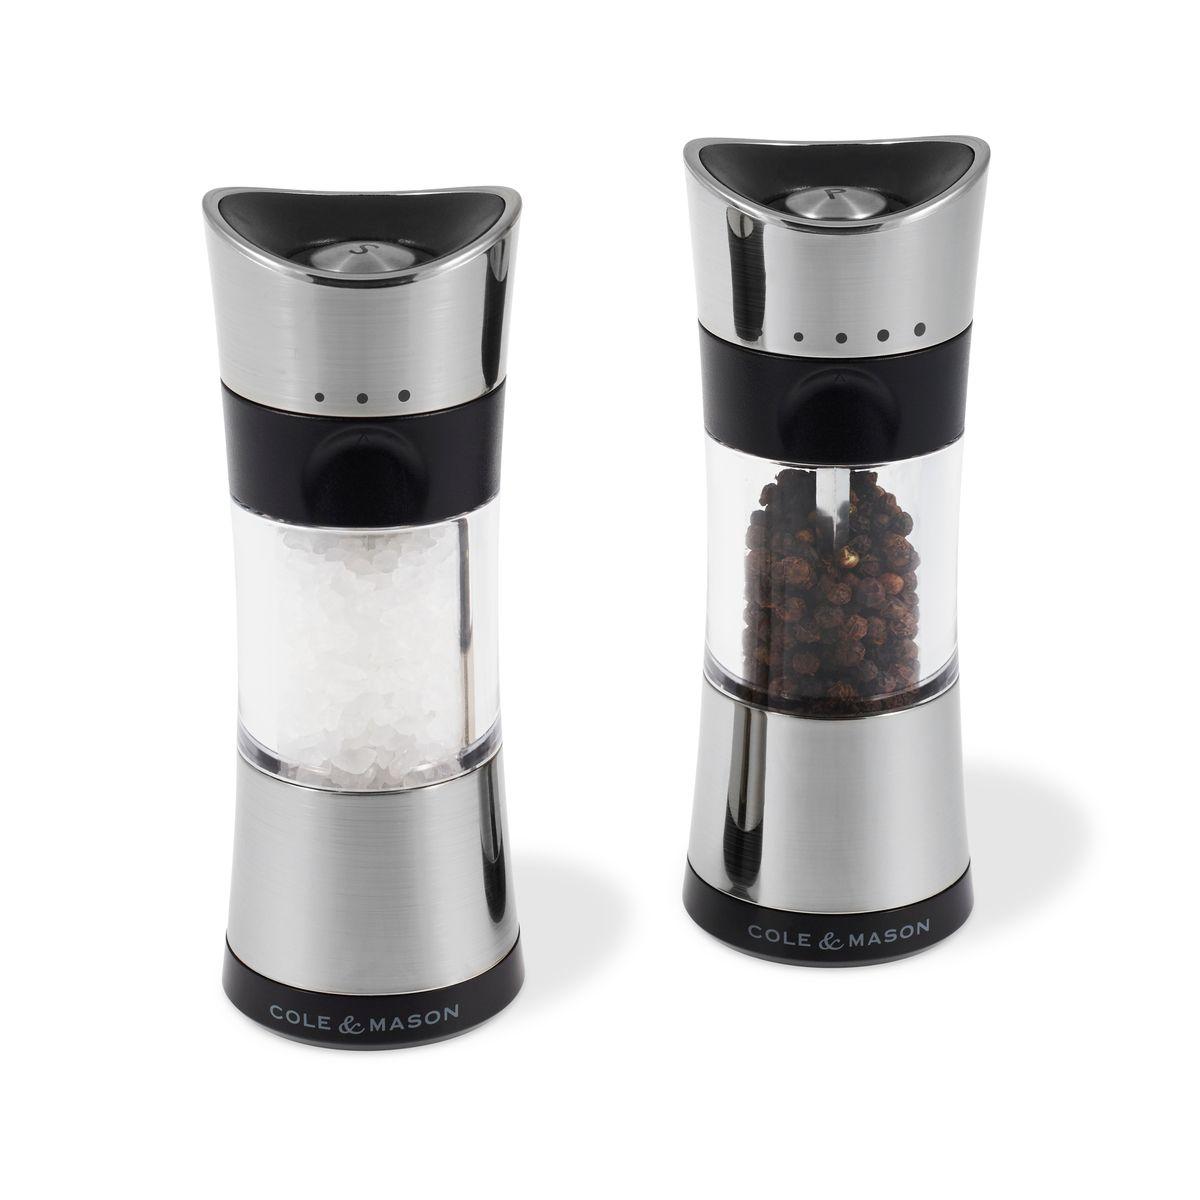 Coffret moulins sel et poivre Horsham chrome 154 mm - Cole and Mason